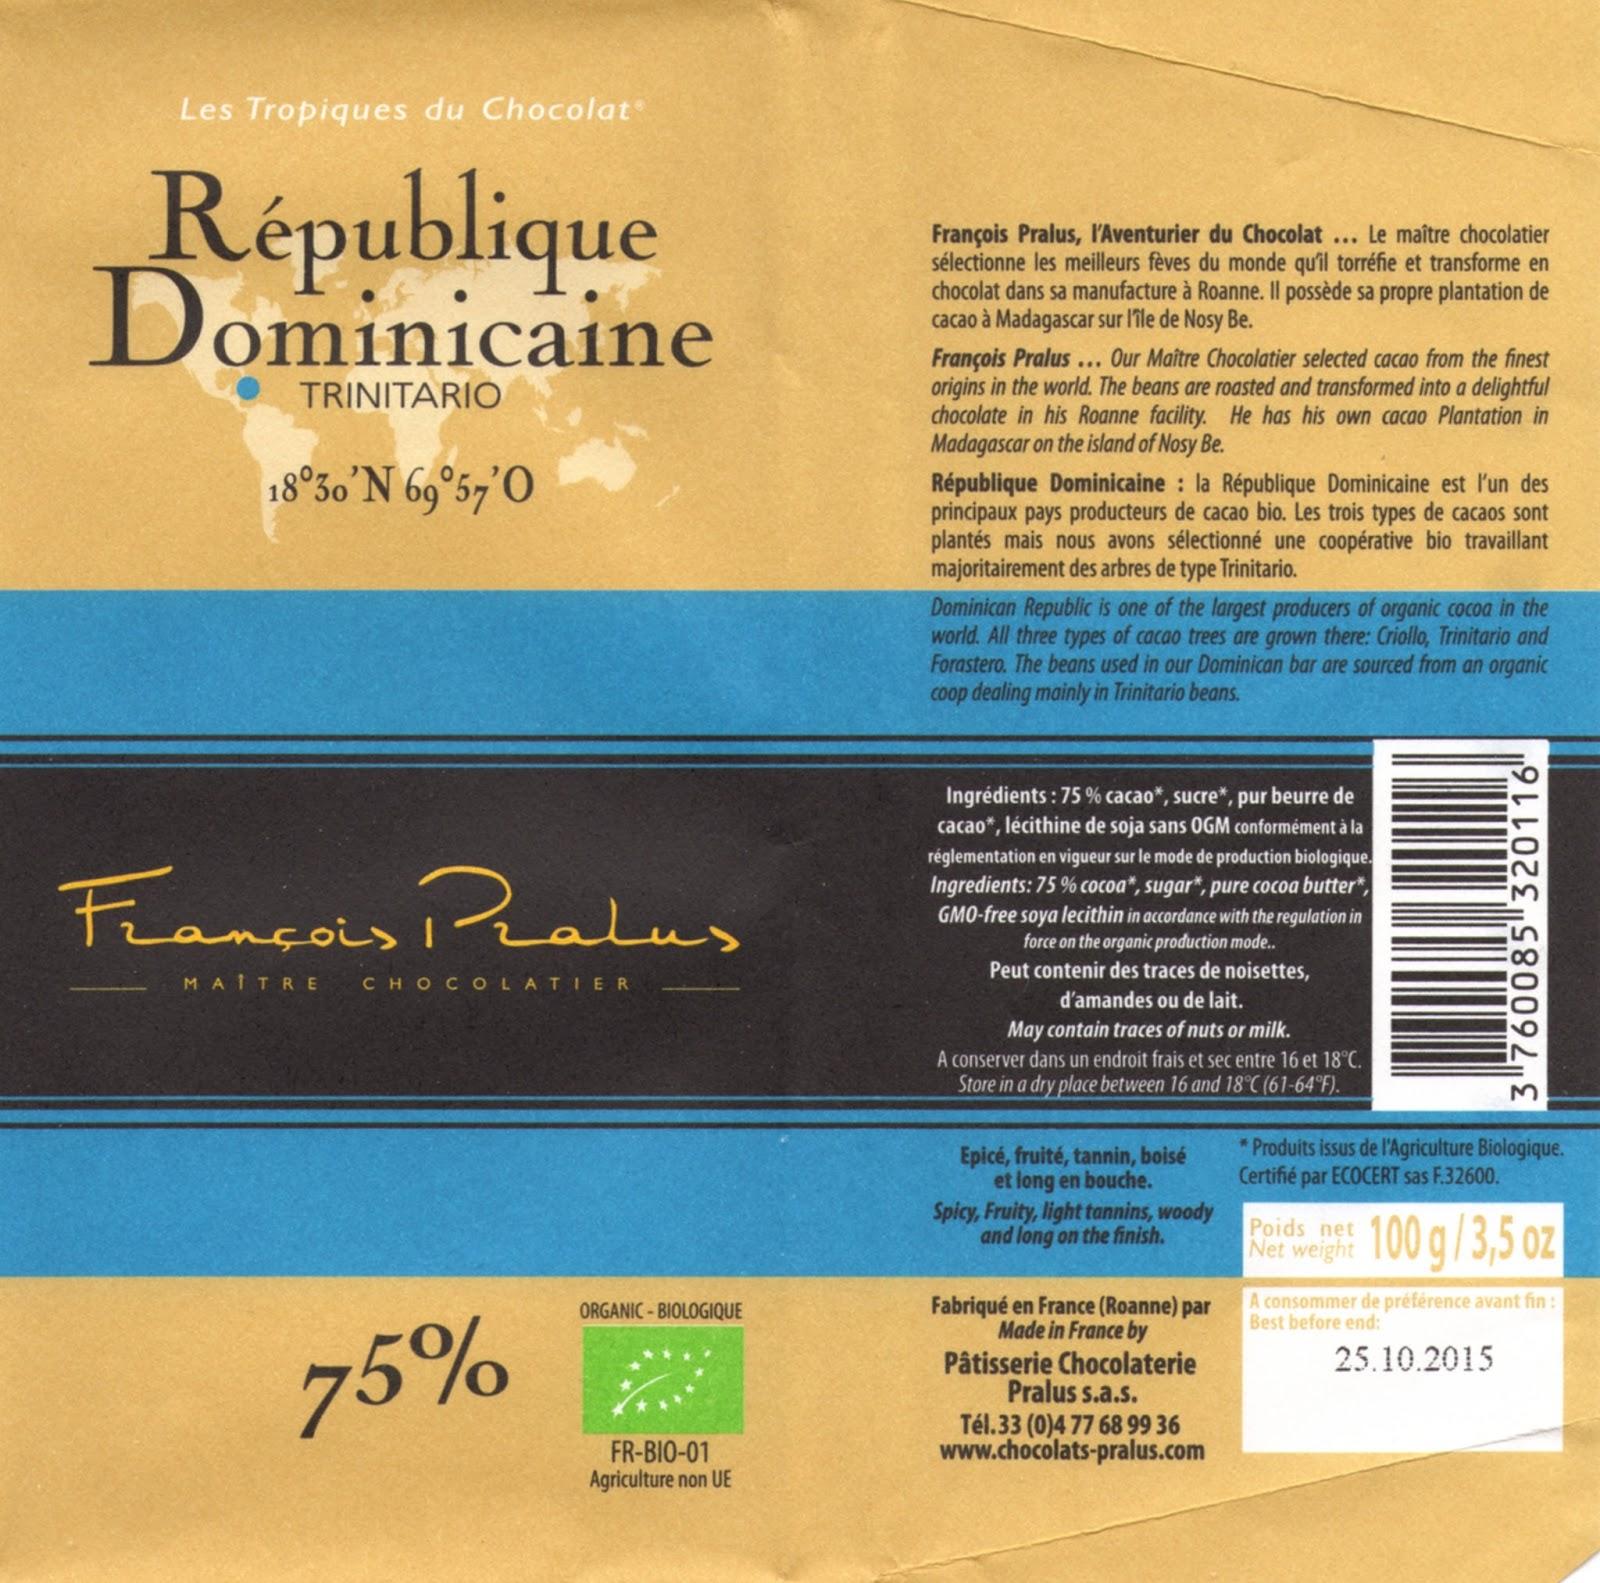 tablette de chocolat noir dégustation pralus noir république dominicaine trinitario 75